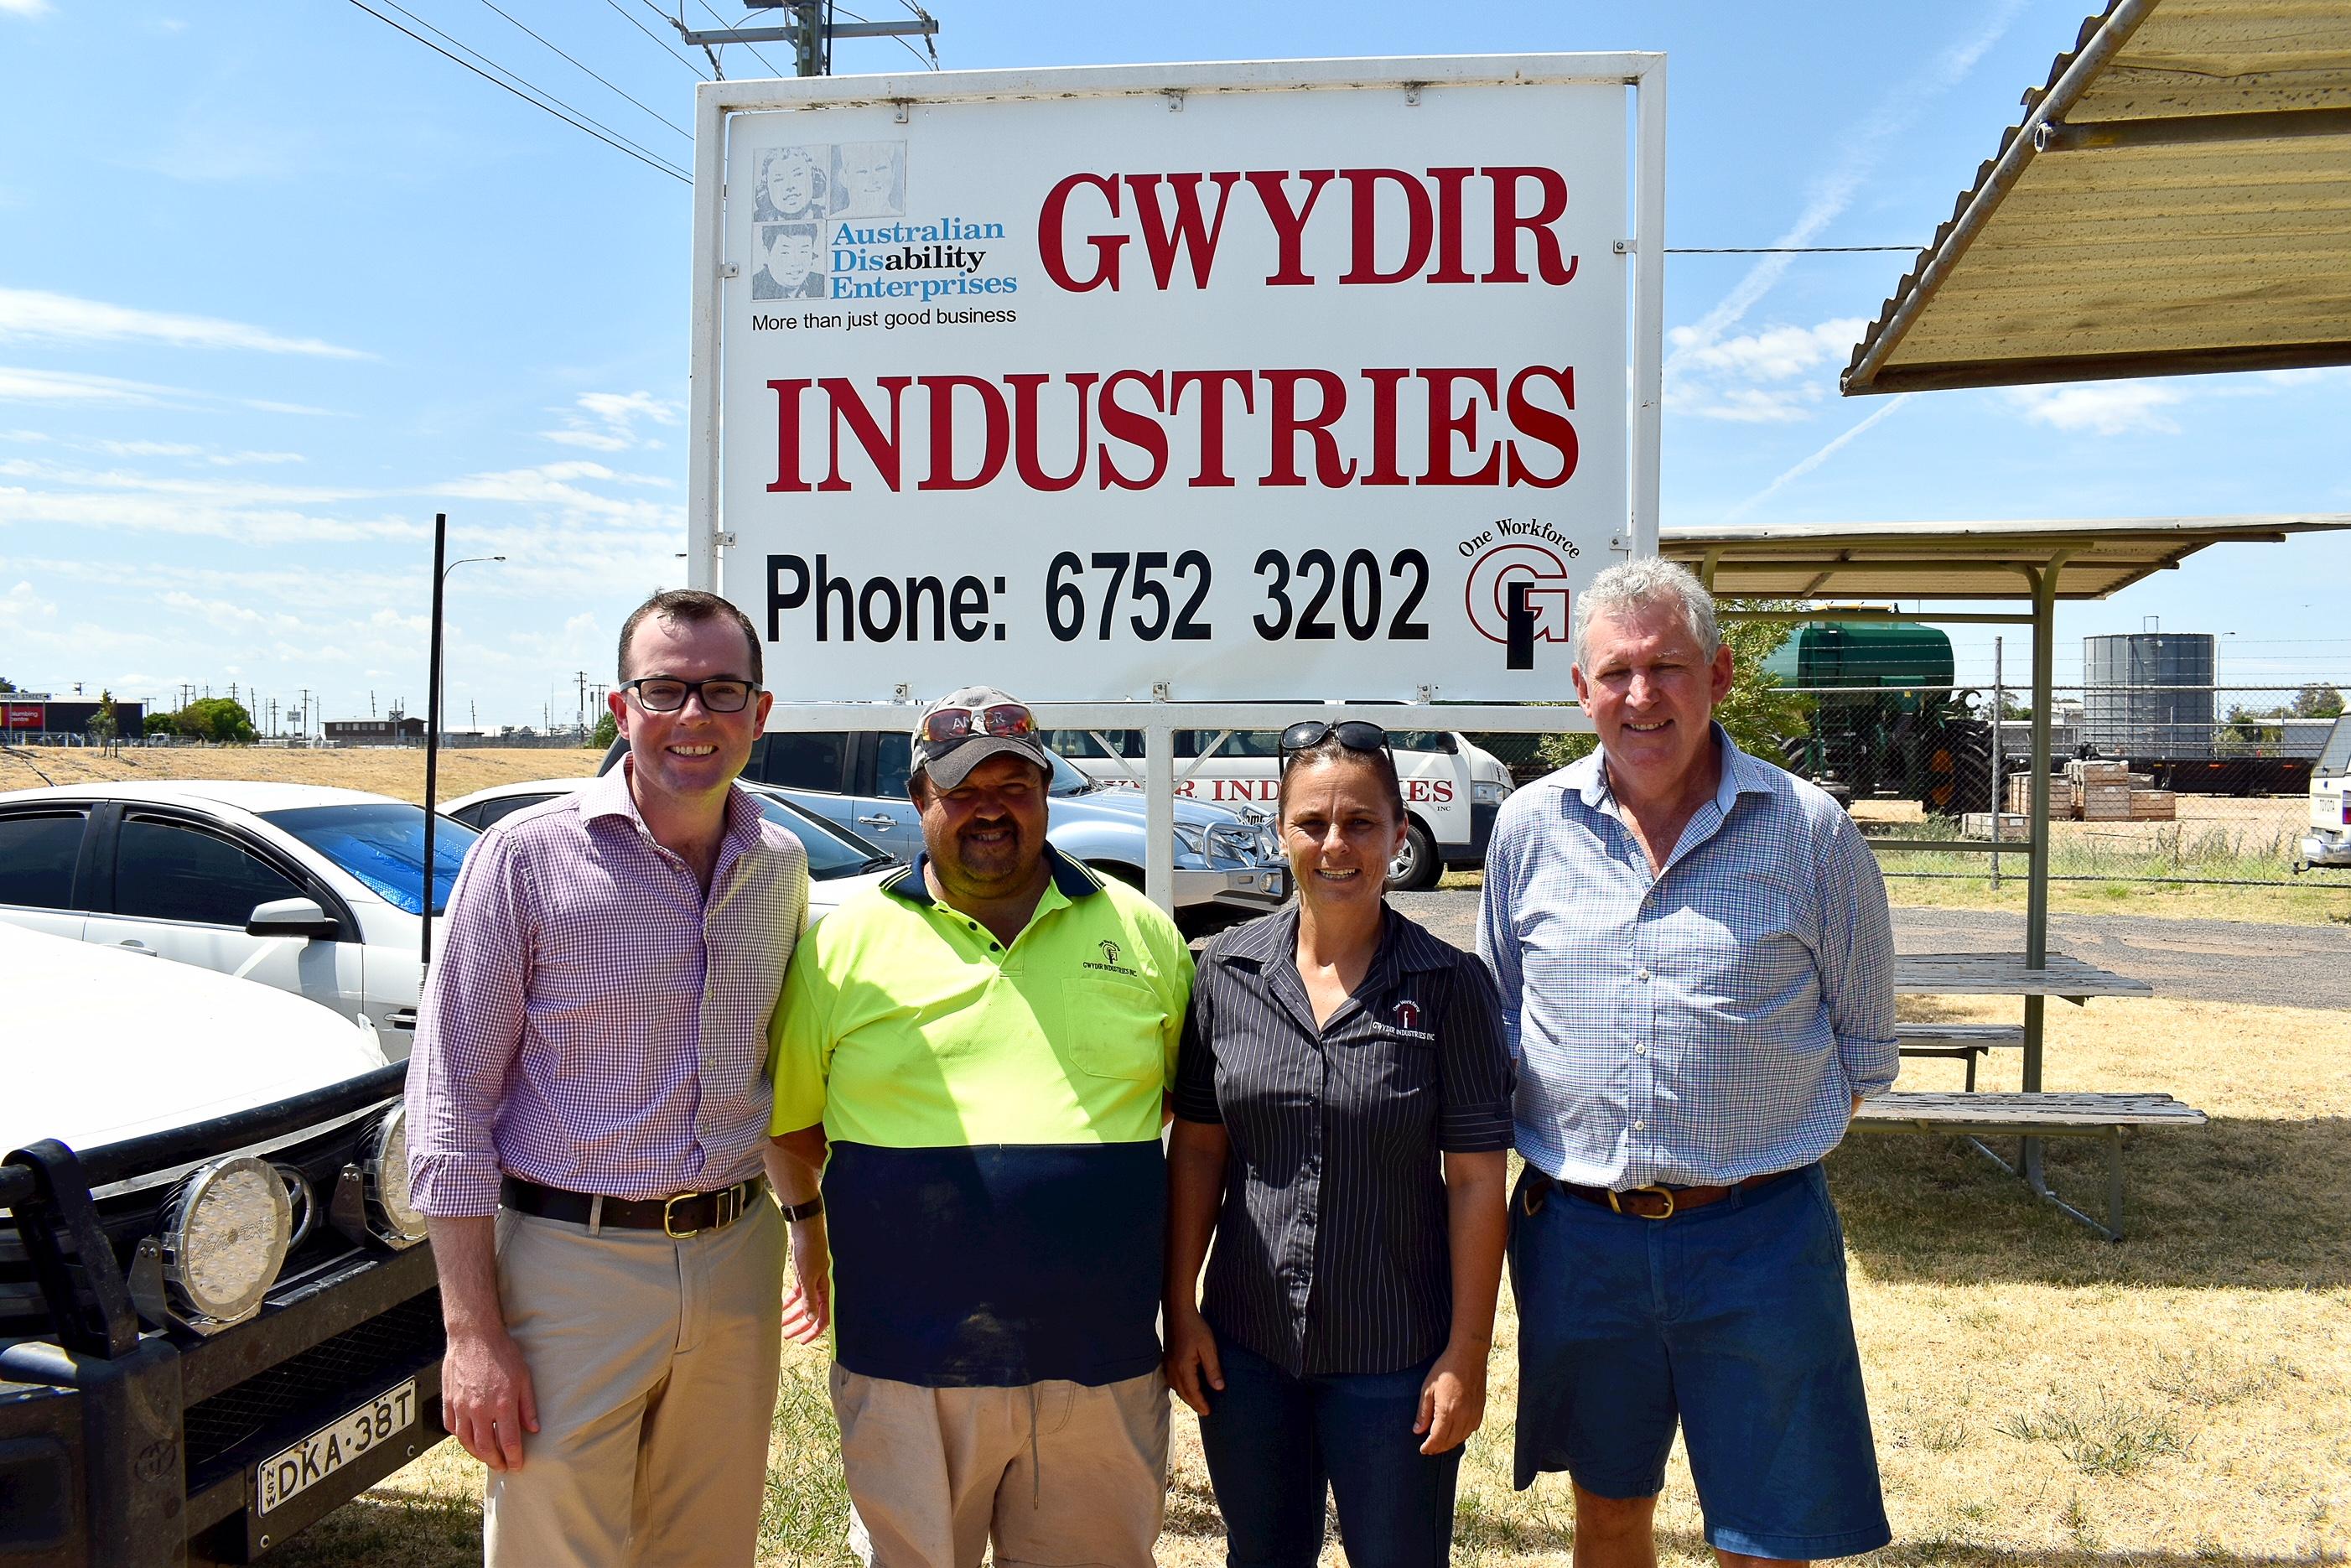 Gwydir Industries